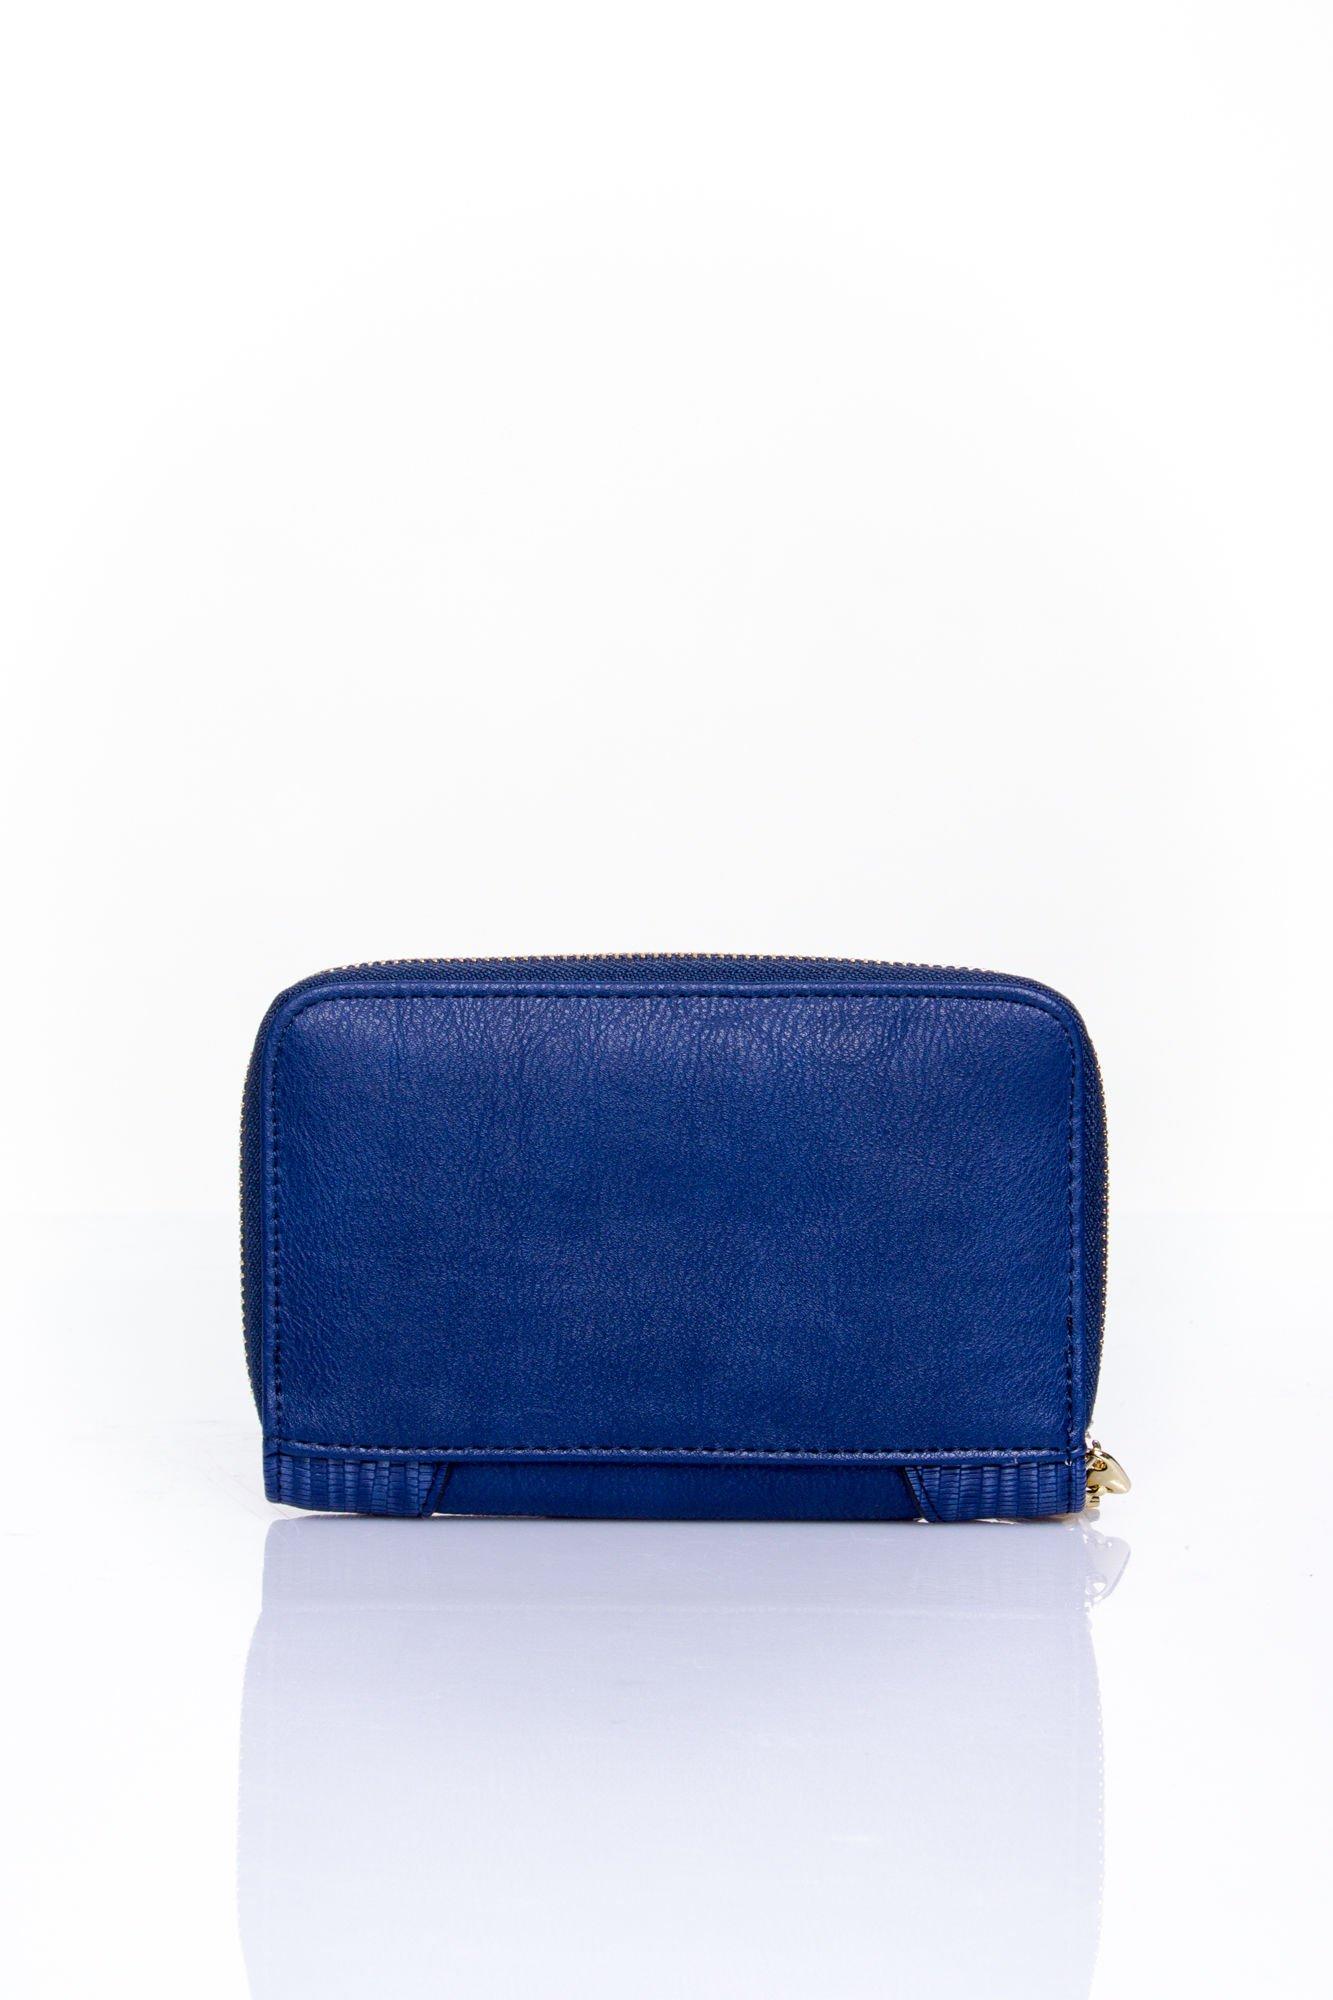 Granatowy portfel z ozdobną złotą klamrą                                  zdj.                                  2